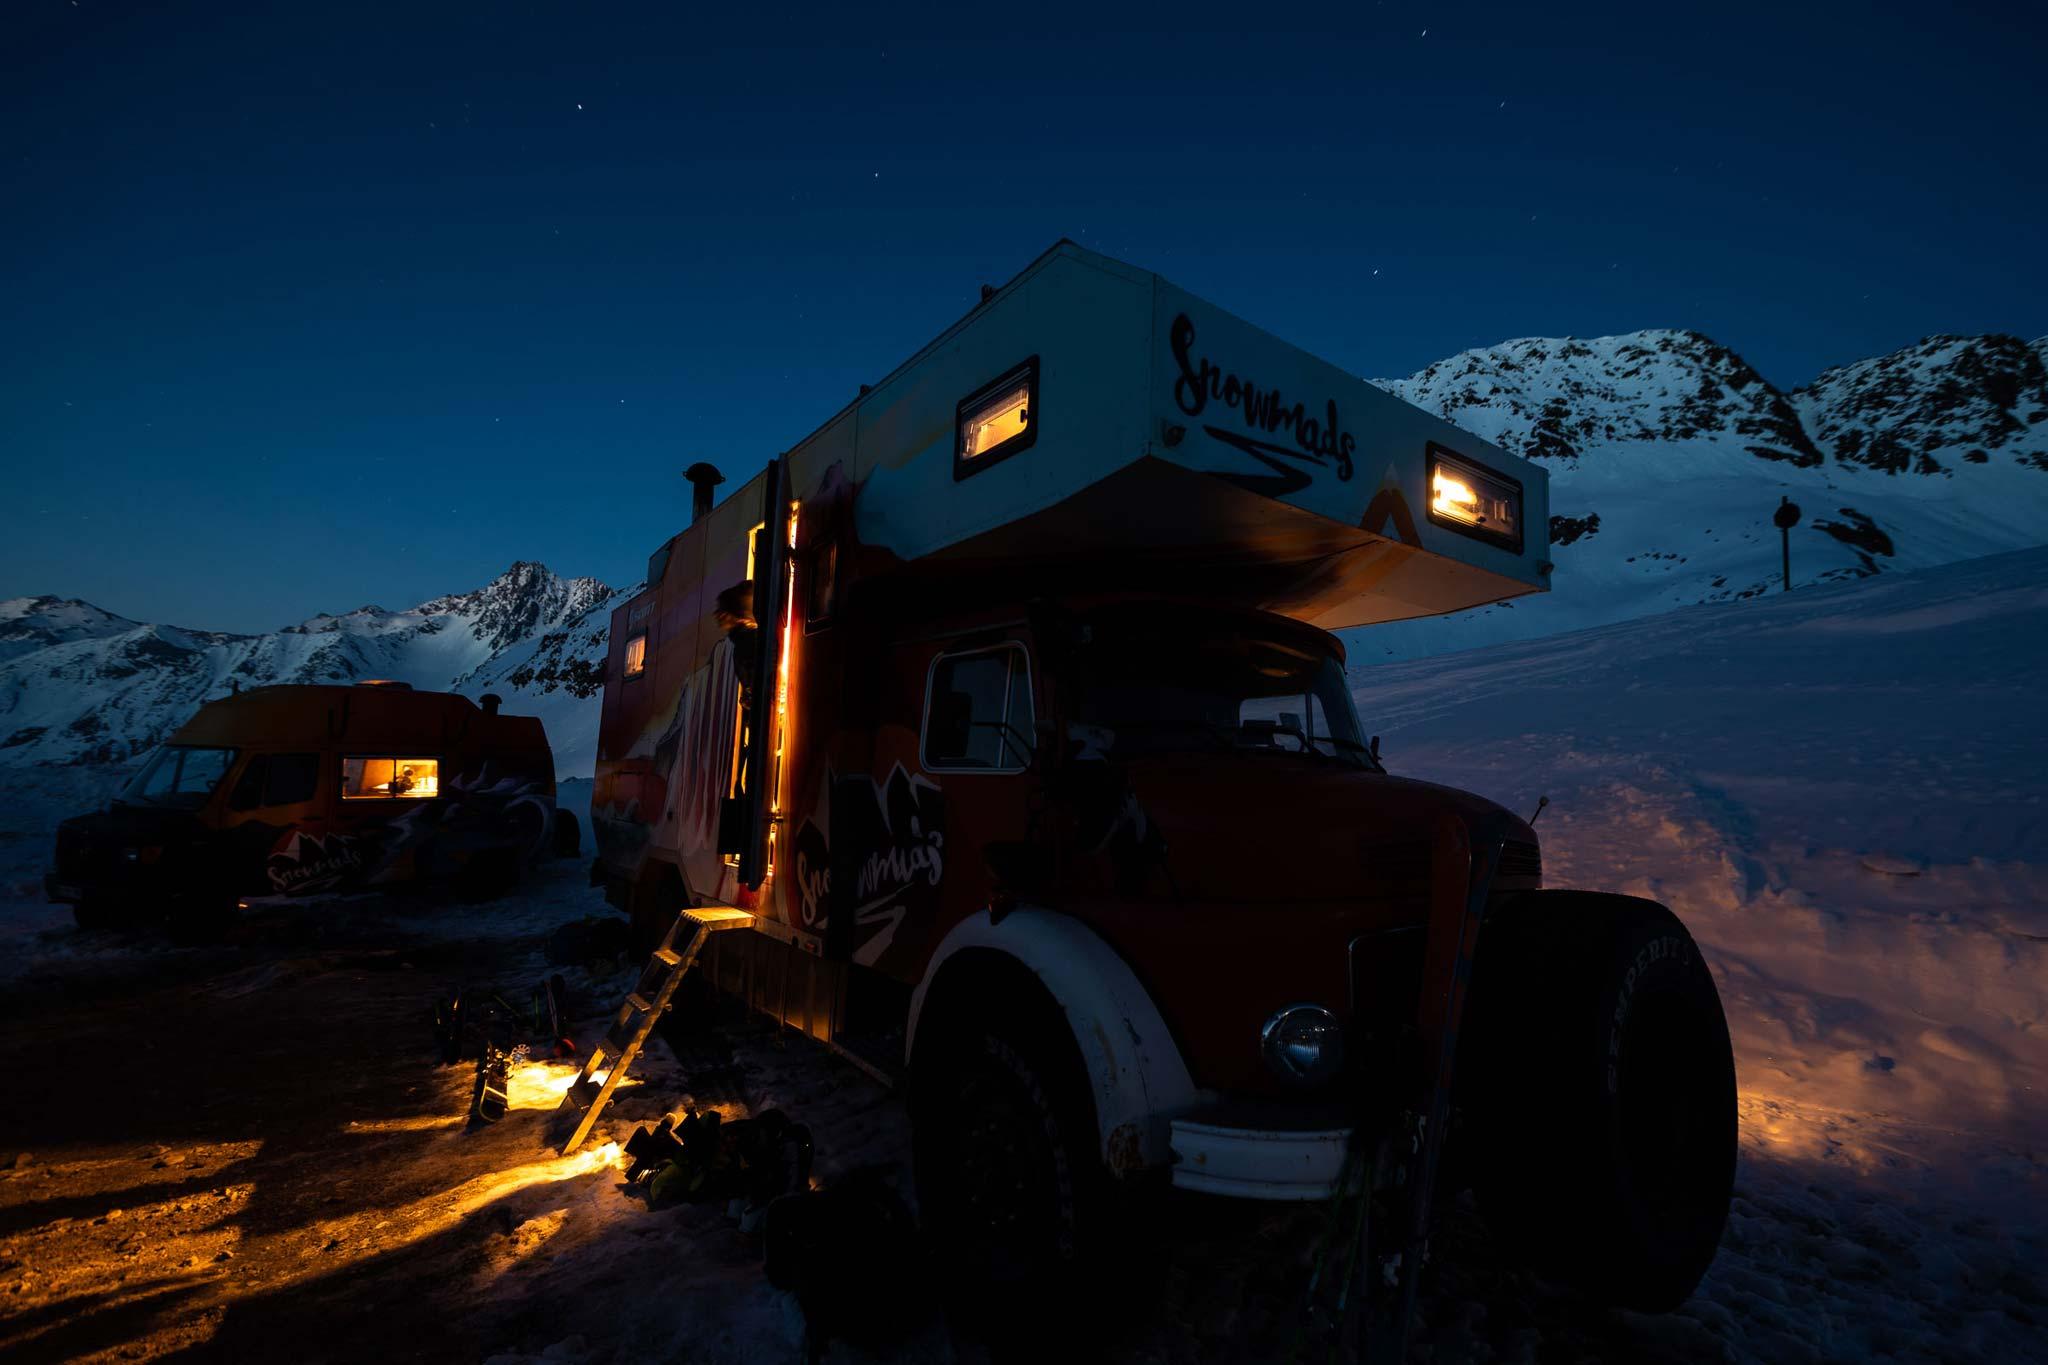 Der Snowmads Truck in heimischen Gefilden. - Foto: Flo Breitenberger